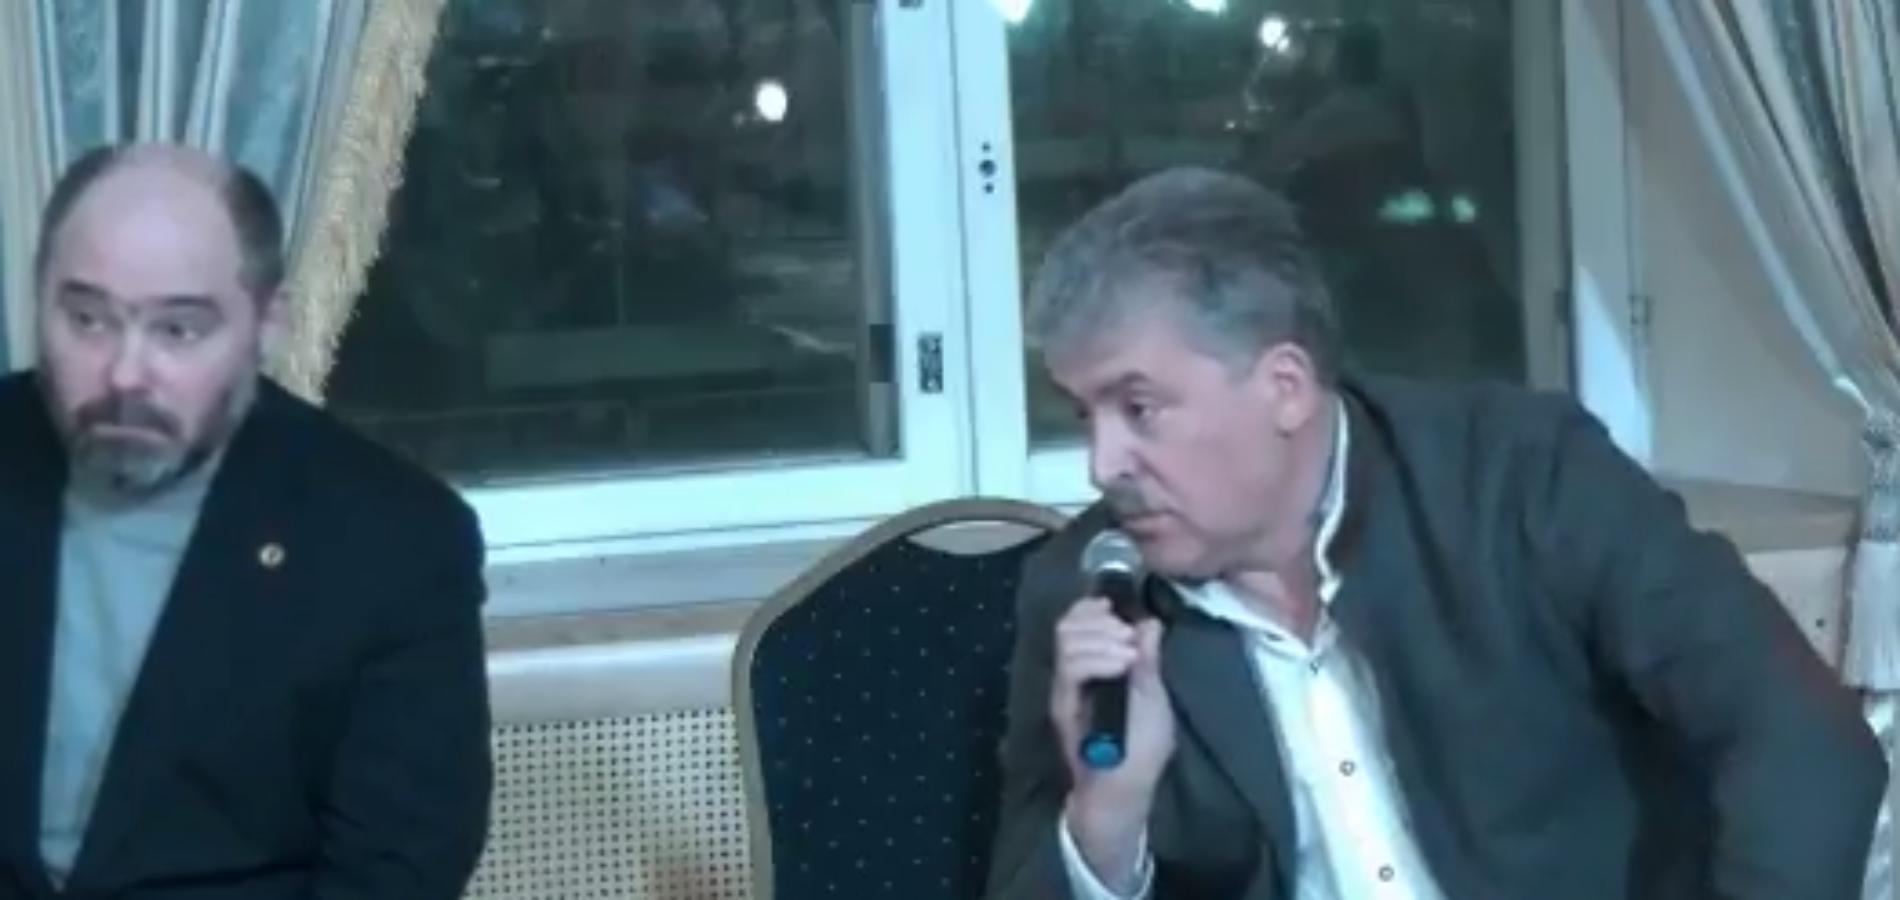 Выступление Павла Грудинина на заседании Столыпинского клуба 4 декабря 2017 года